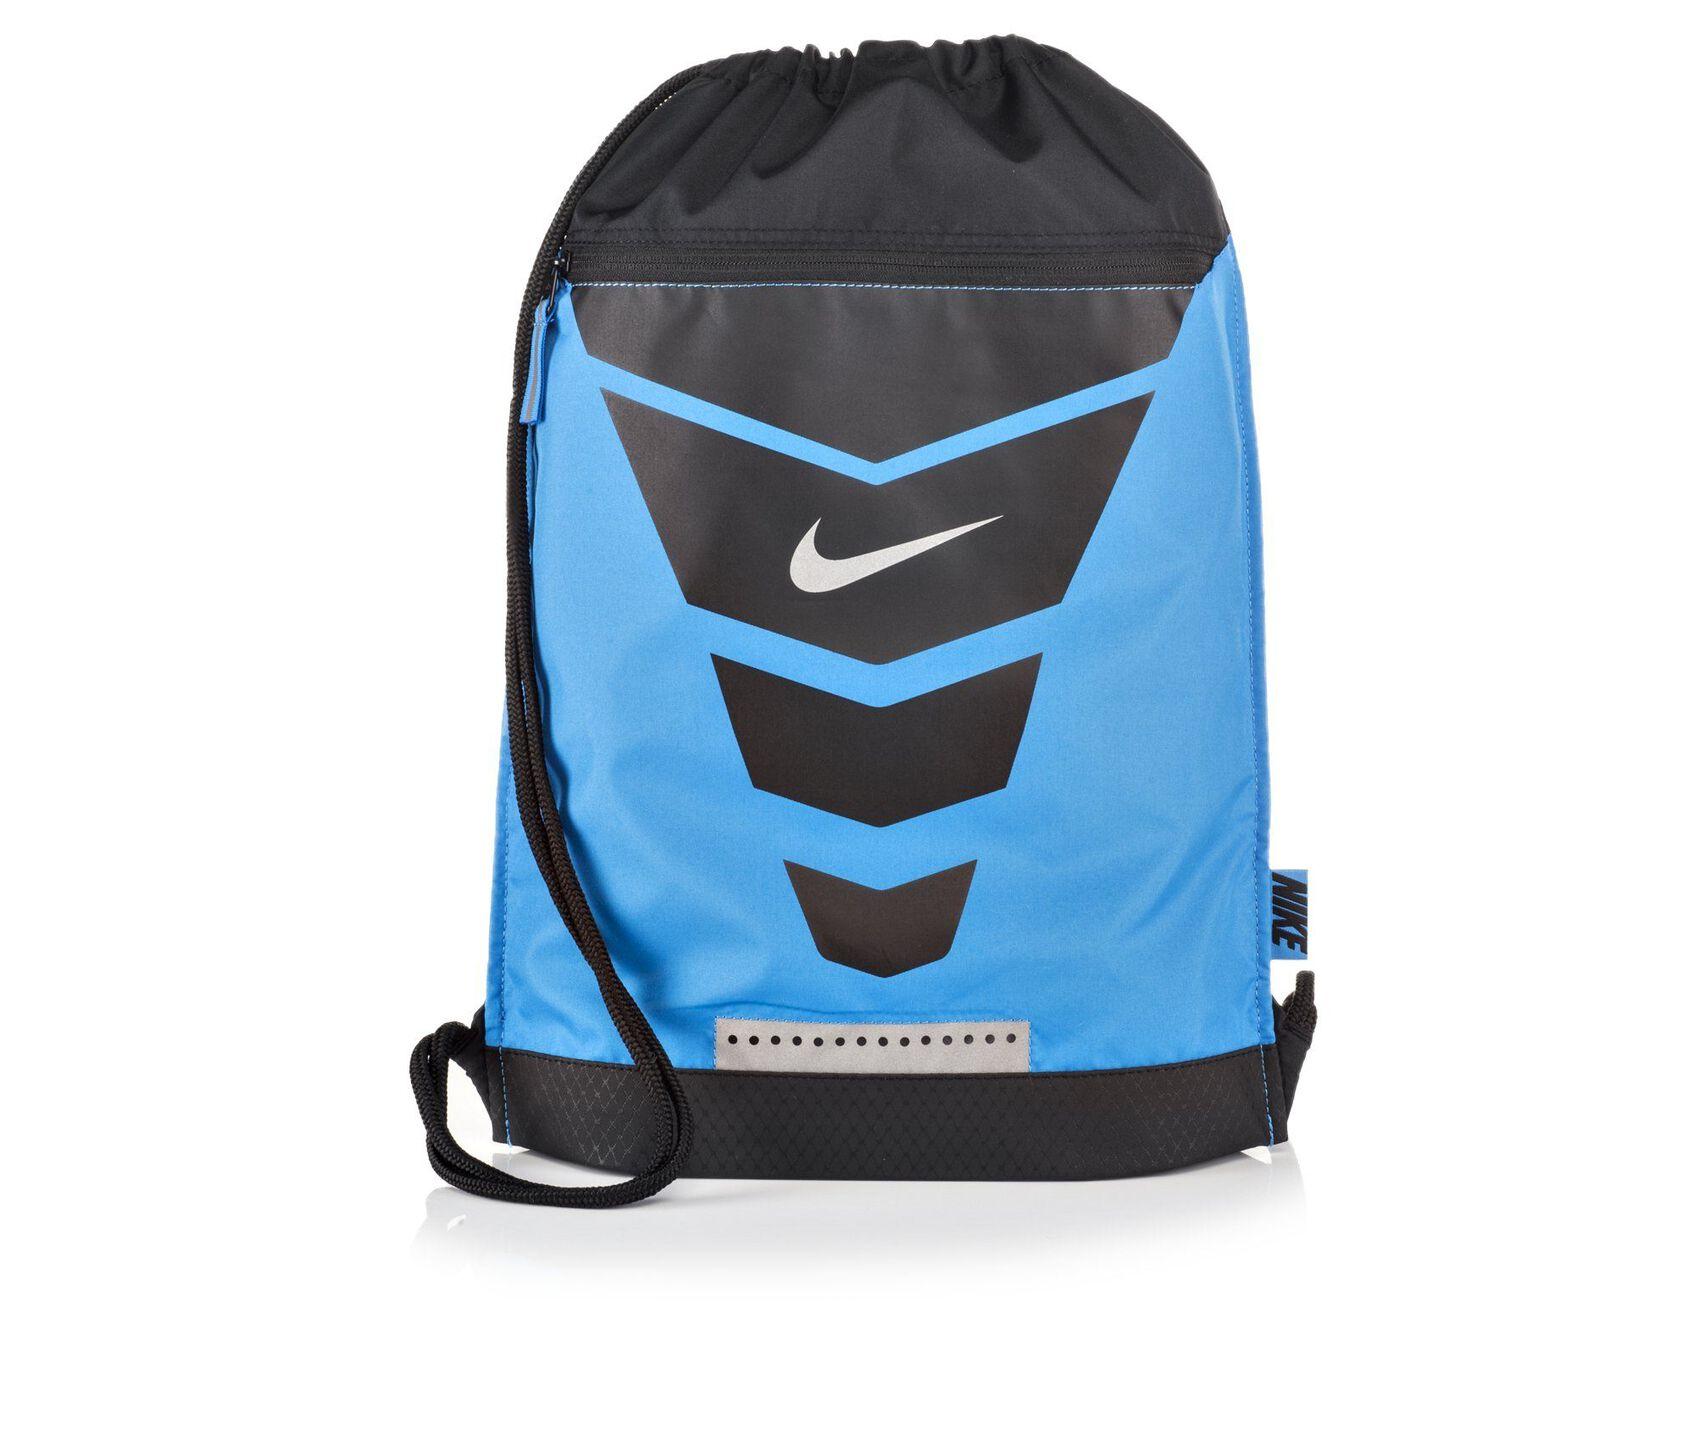 901117739c32f Teal Nike Vapor Backpack - Motorslist